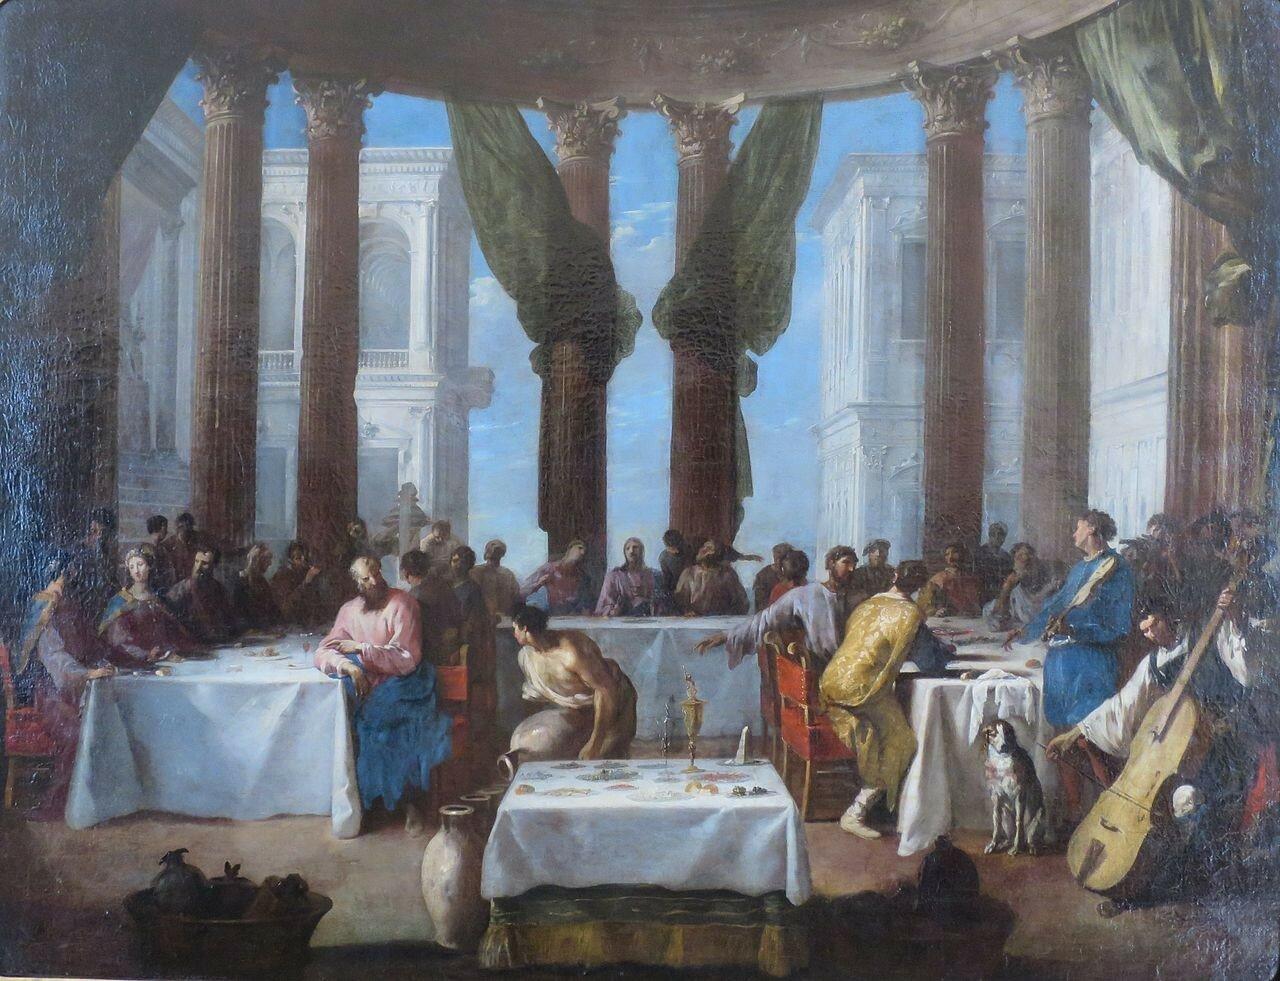 'The_Marriage_in_Cana'_by_Johann_Heinrich_Schönfeld,_Hermitage.JPG